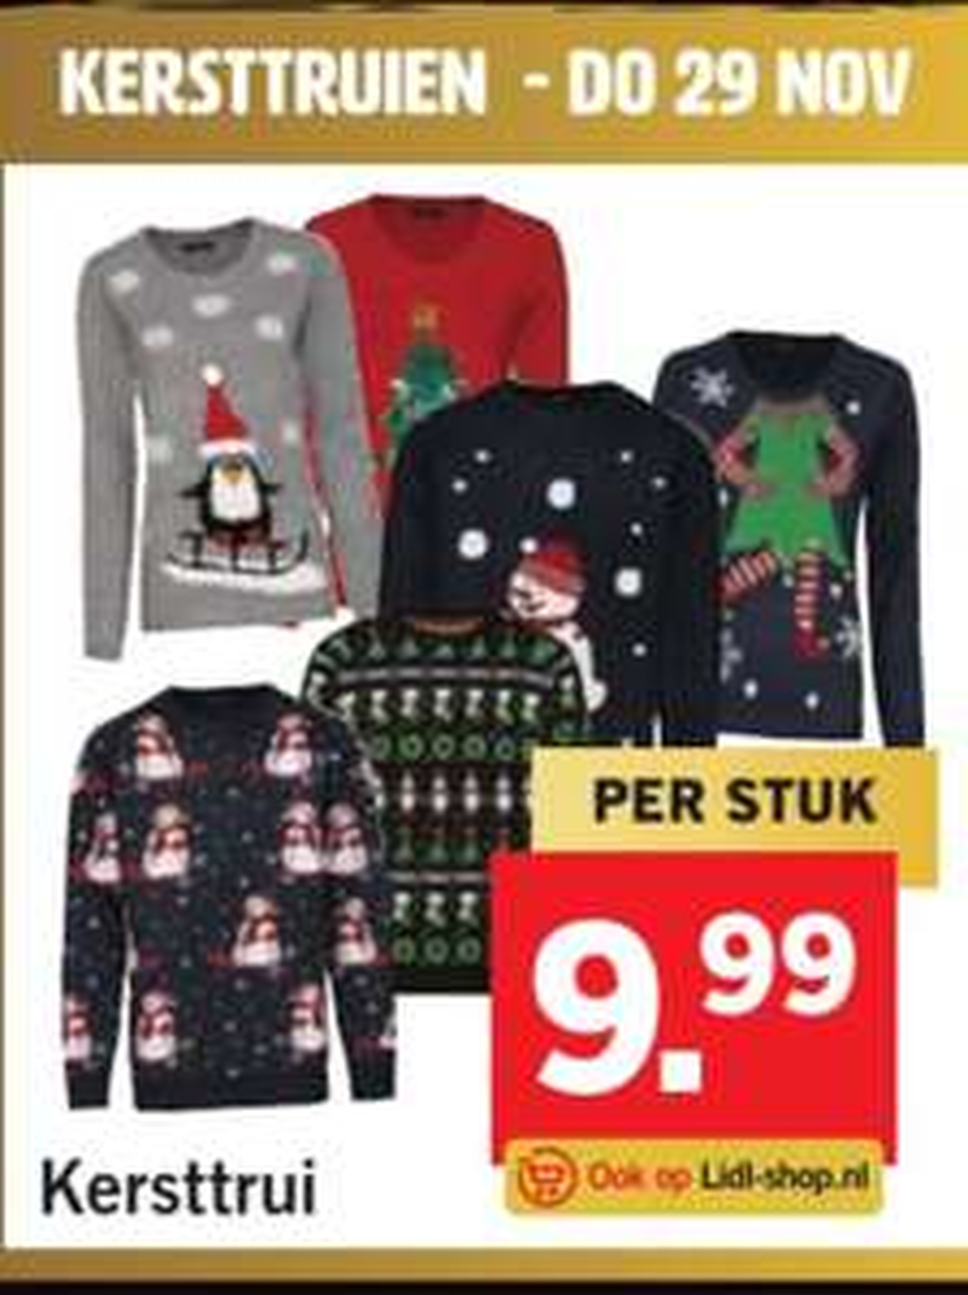 Kersttruien bij Lidl in de winkel en online. (voor kinderen 6.99)